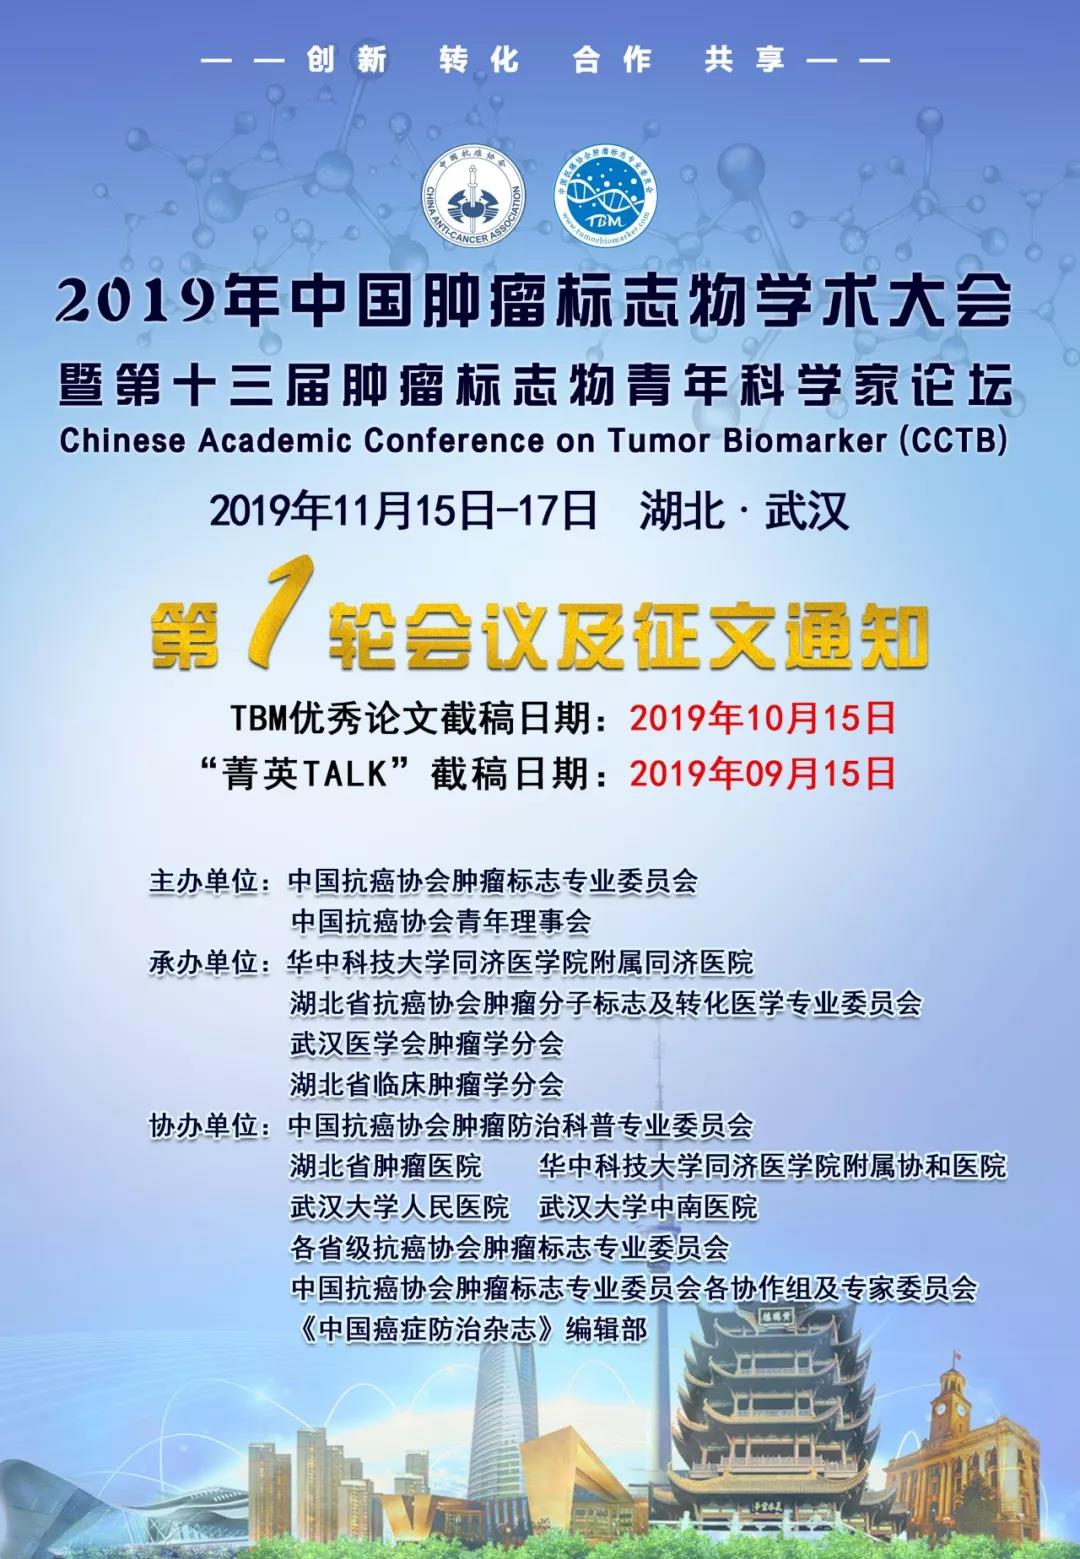 2019年中国肿瘤标志物学术大会暨第十三届肿瘤标志物青年科学家论坛